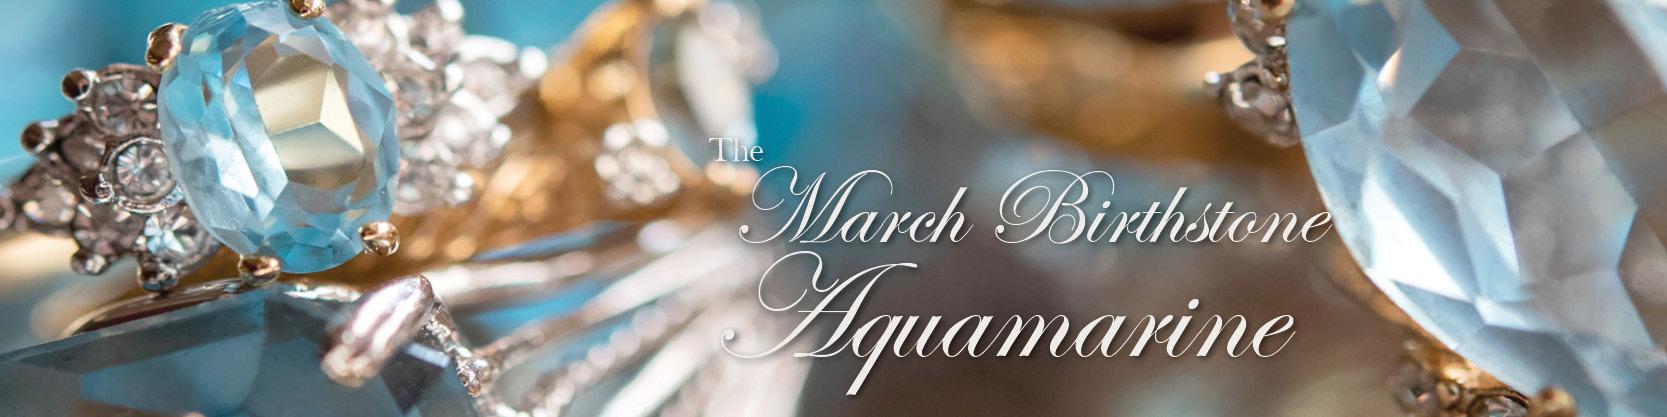 March birthstone vintage aquamarine ring - cubic zirconia - clear Swarovski crystals